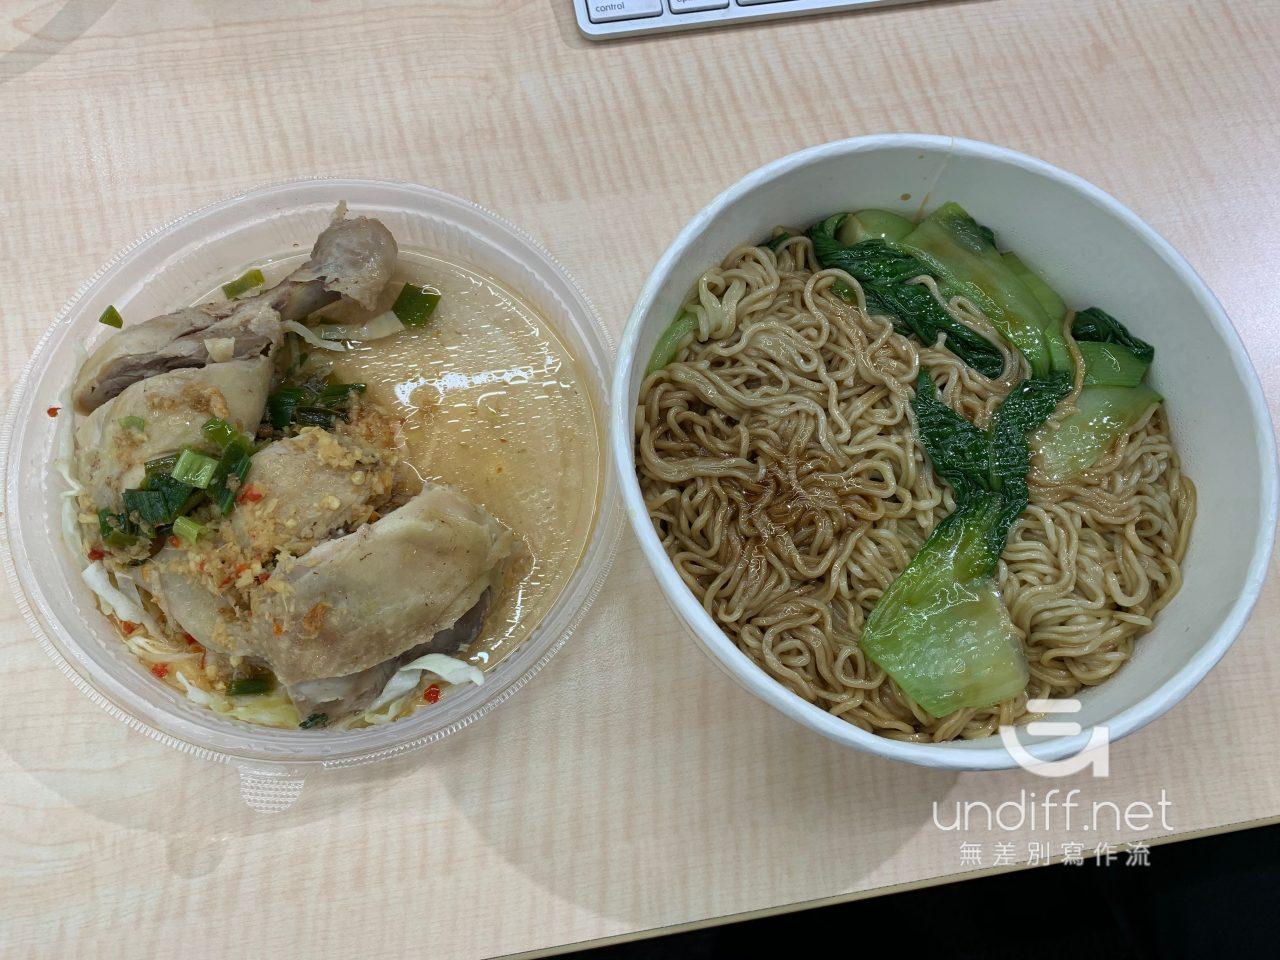 【內湖 訂便當日記】日嚐 Taste&Enjoy 南洋風味料理 38